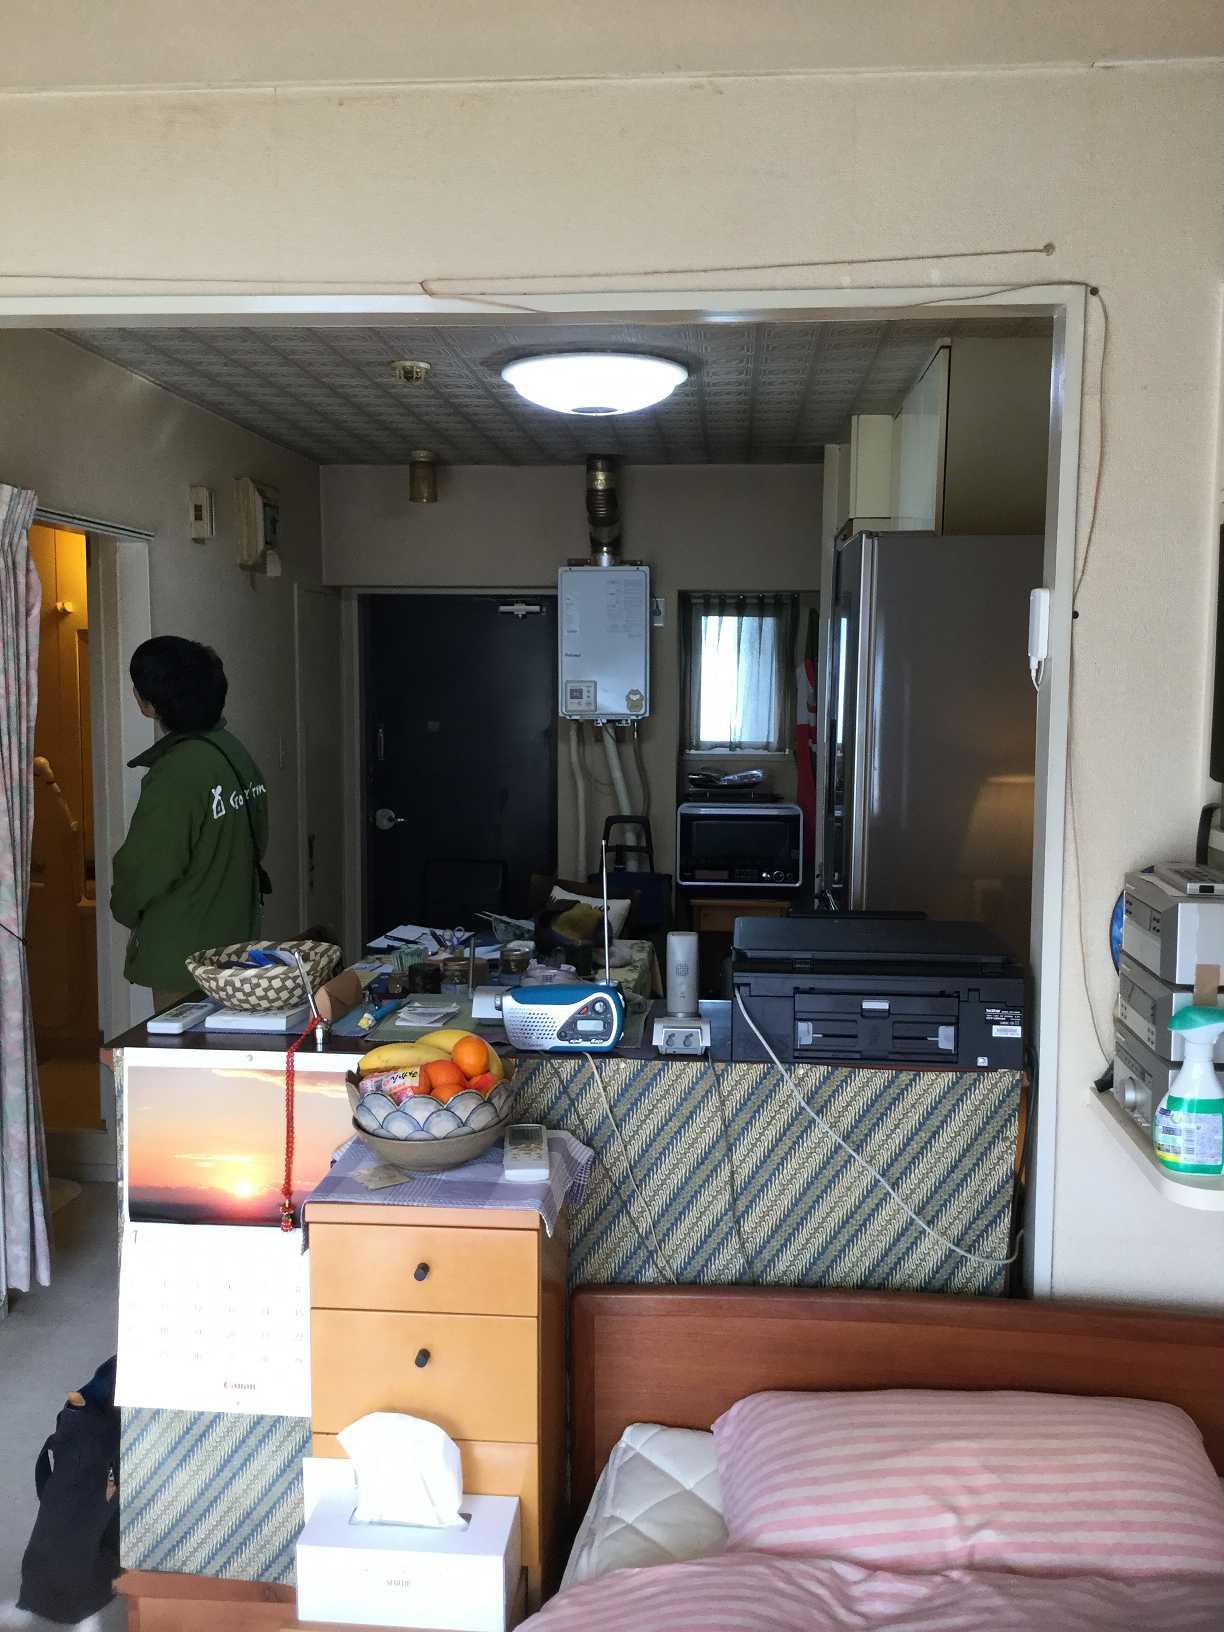 before:玄関ドアから丸見えの室内、来客時のお部屋の中への視線にお困りでした。